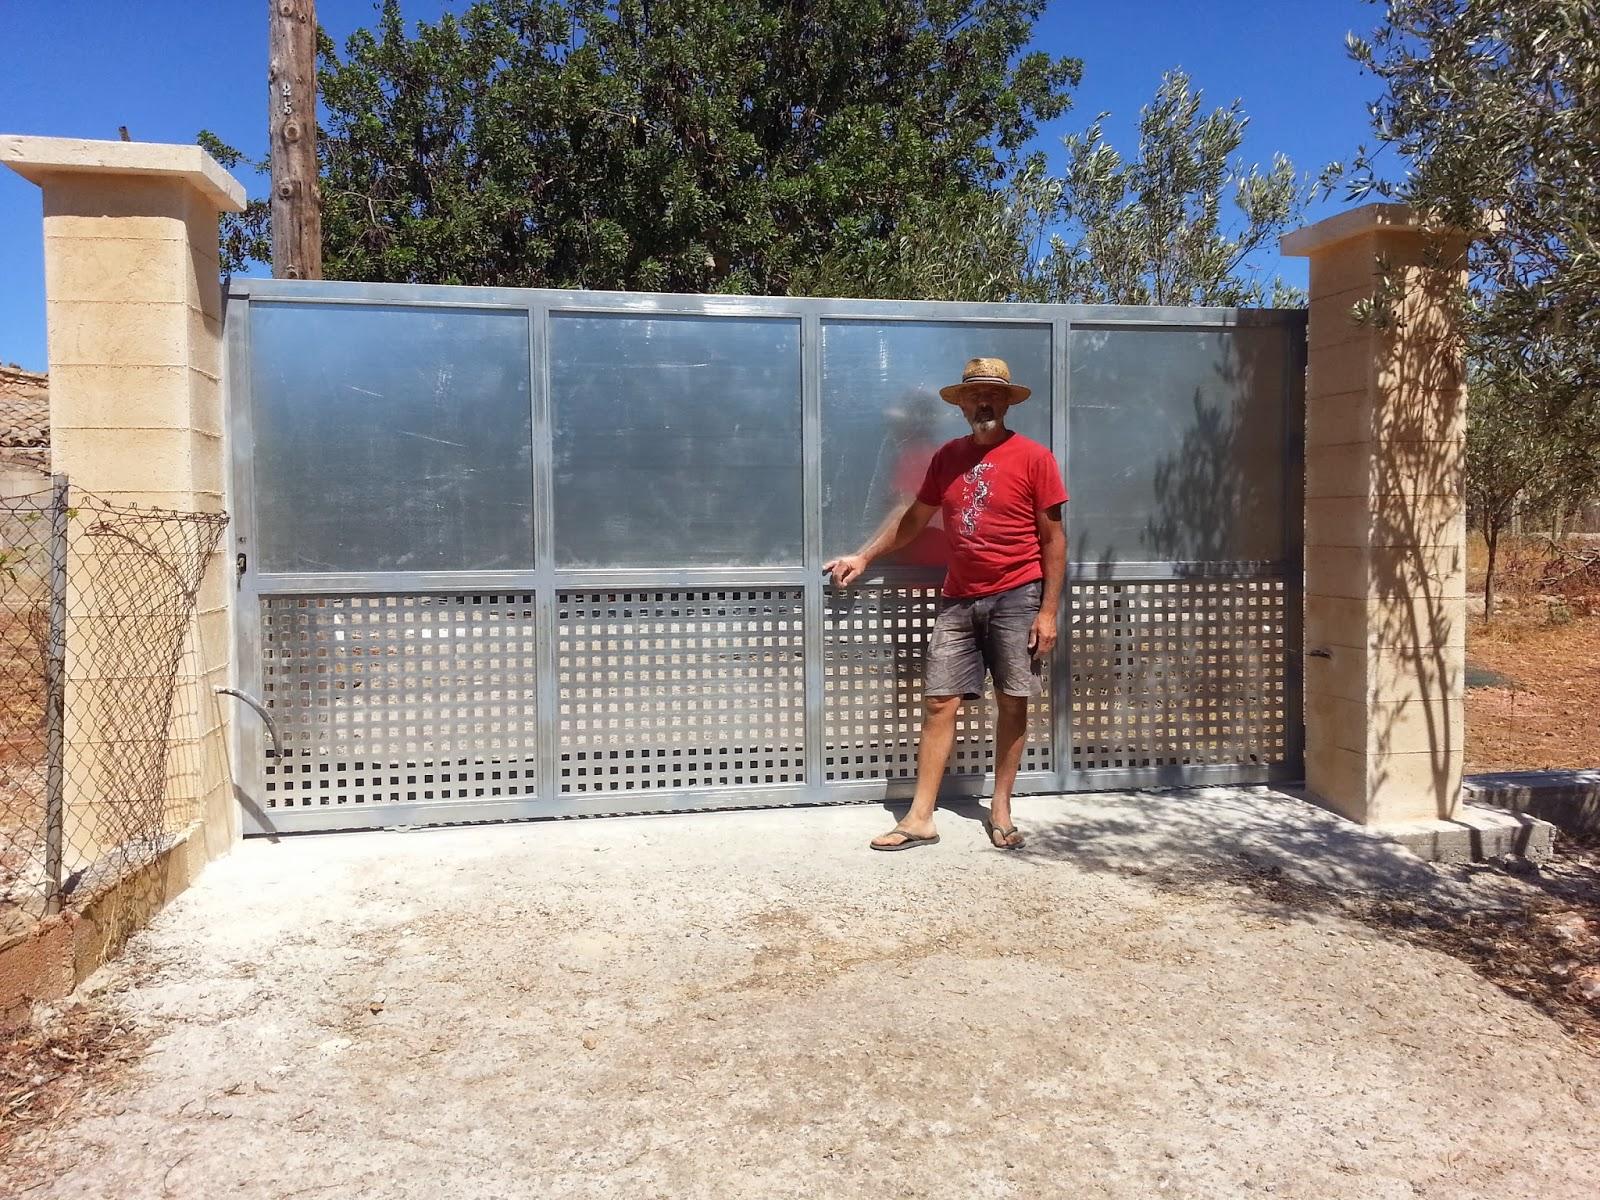 Puertas correderas de hierro revestidas de madera para fincas rusricas barrera con pilares - Pilares de hierro ...